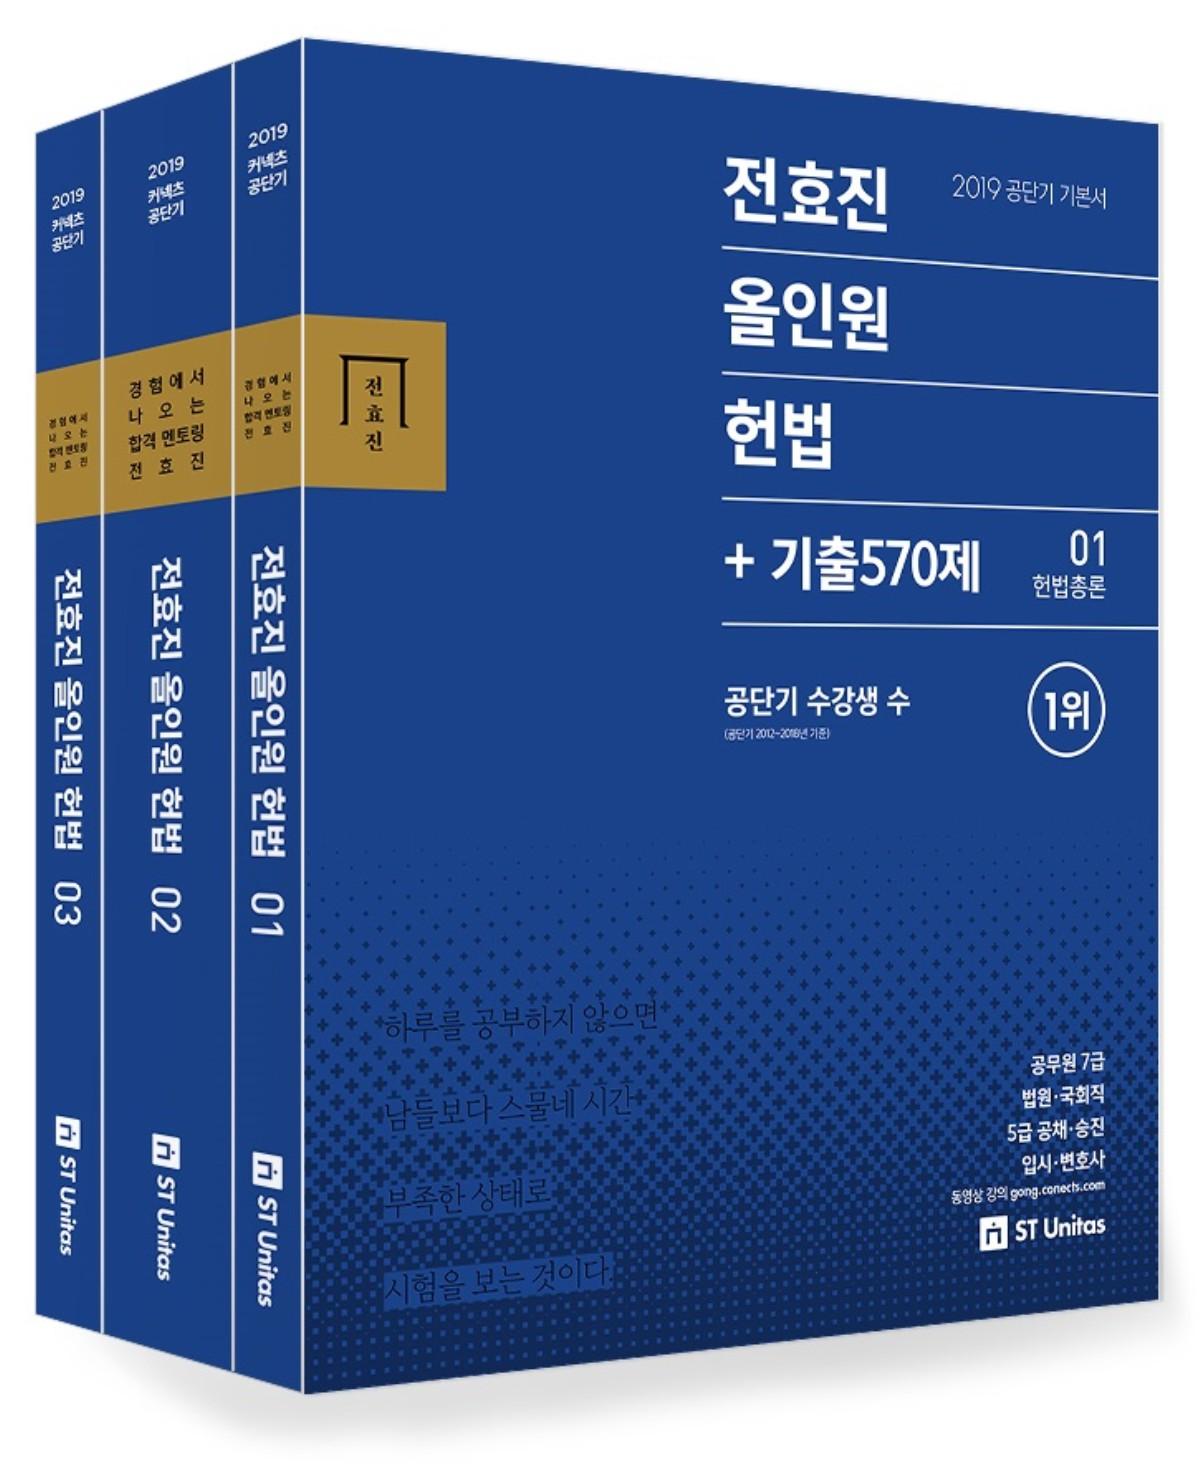 2019 전효진 올인원 헌법 + 기출570제